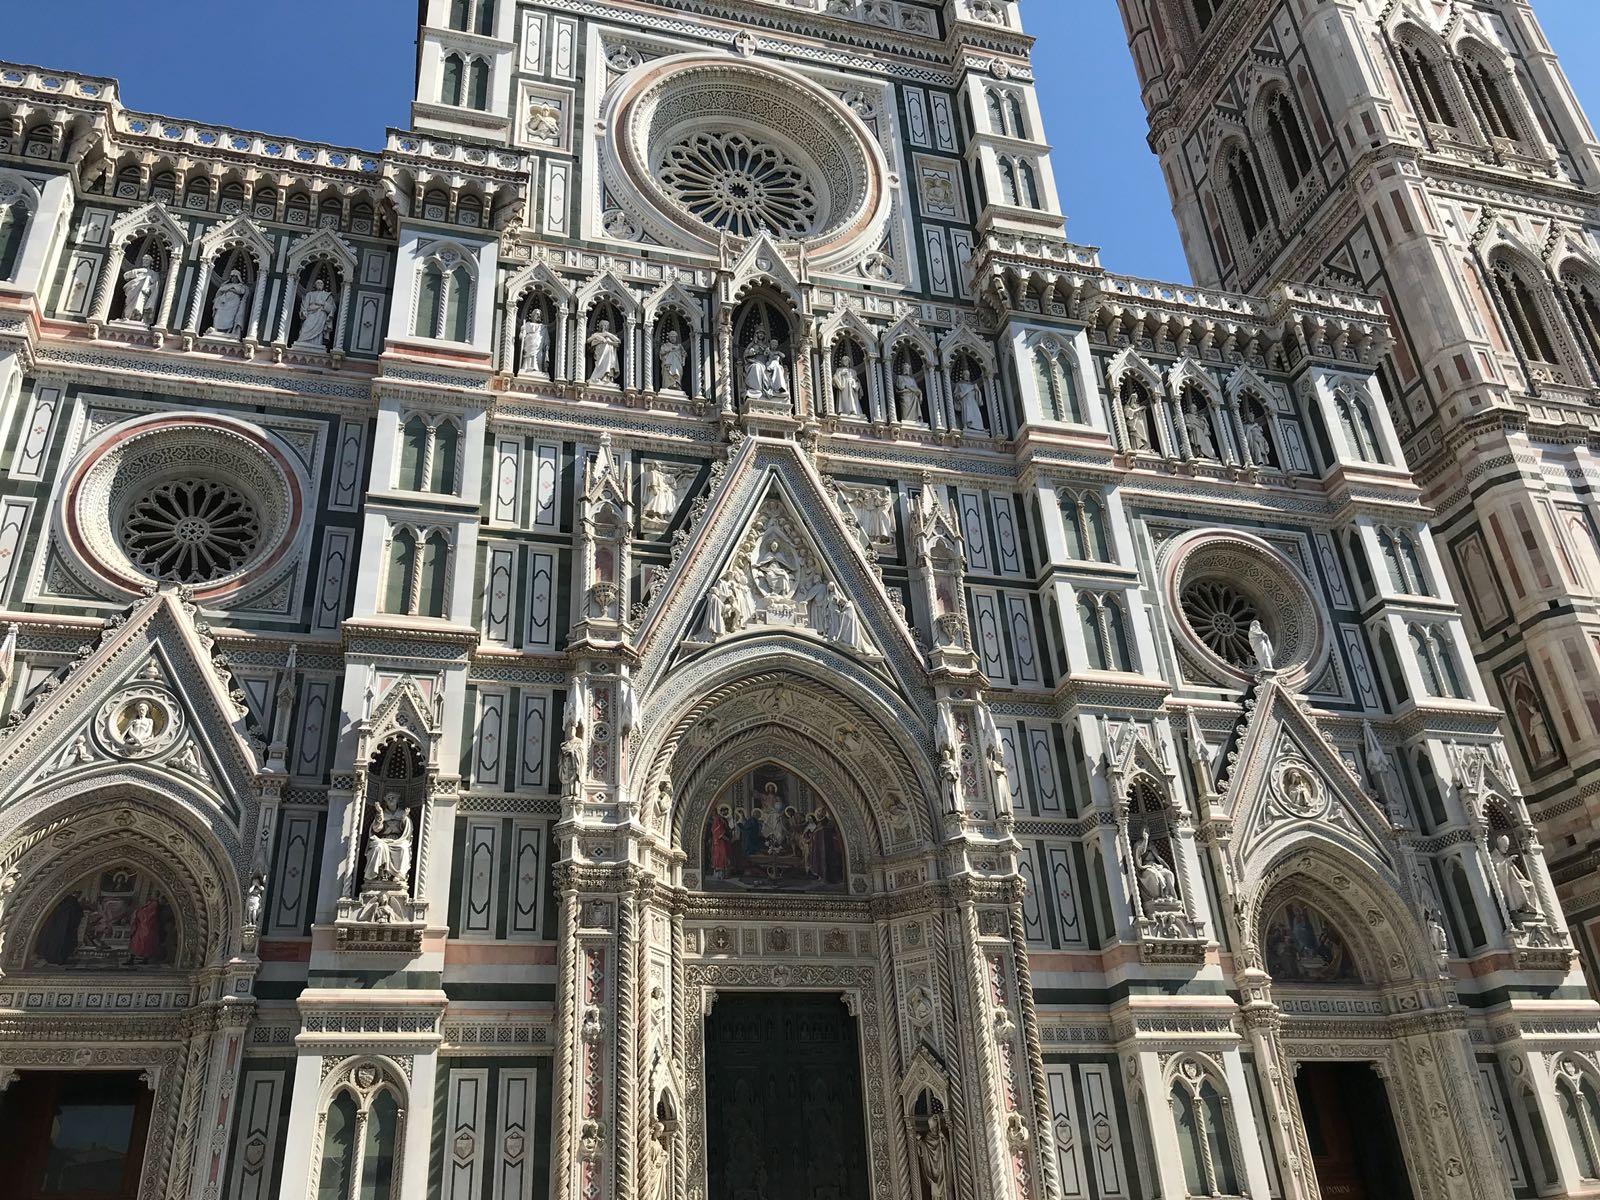 The Cattedrale di Santa Maria del Fiore